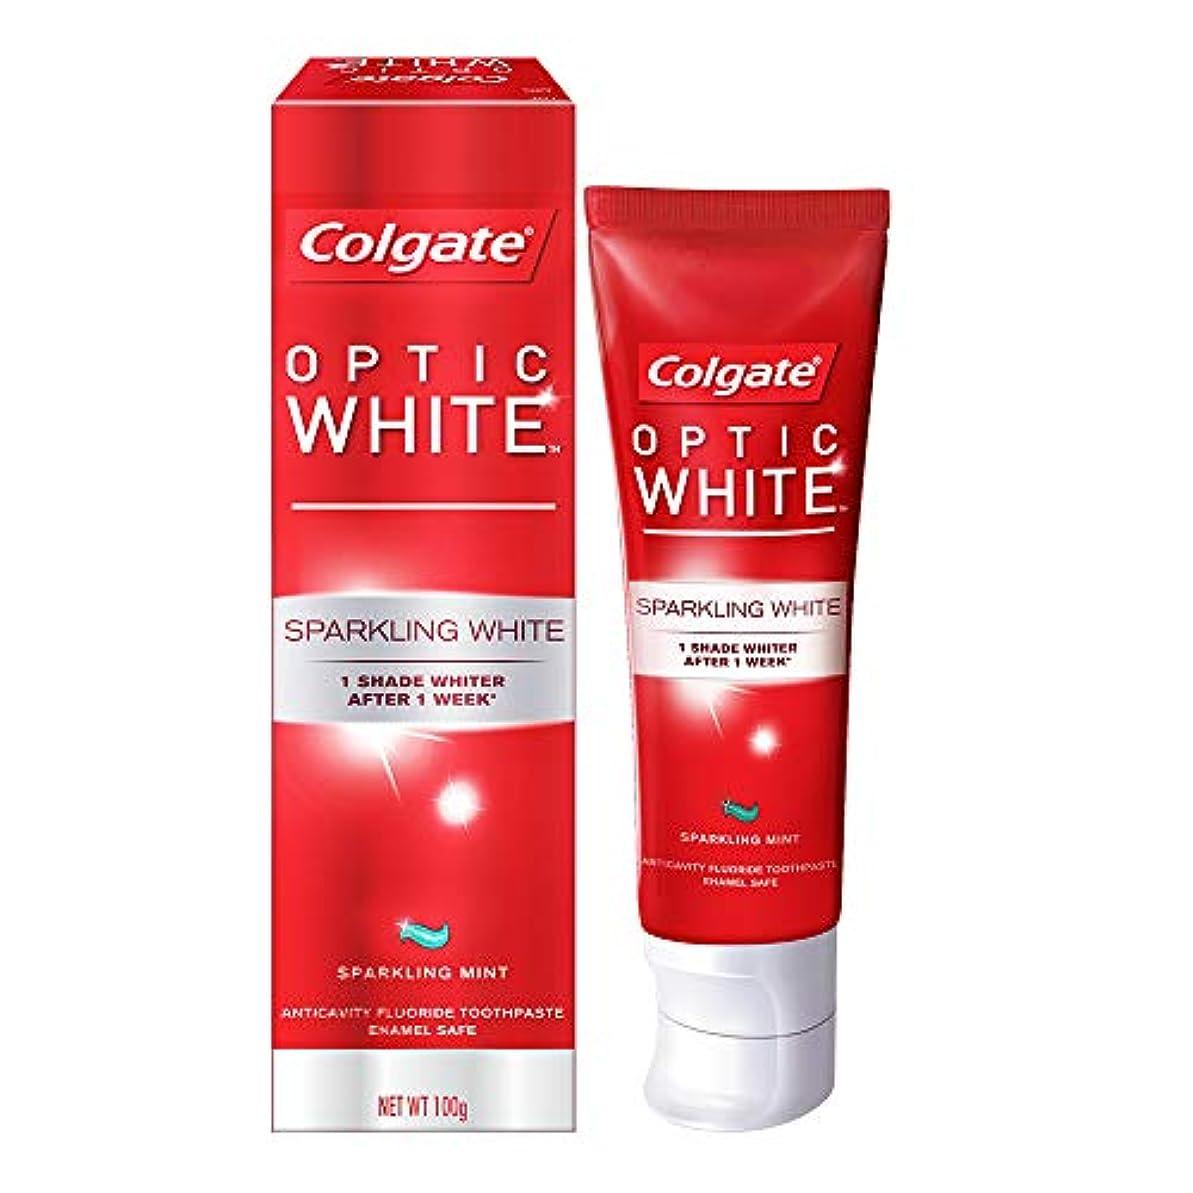 動機付ける捧げる権利を与えるコールゲート オプティック ホワイト スパークリングシャイン 100g 歯磨き粉 Colgate Optic White Sparkling Shine 100g Tooth Paste